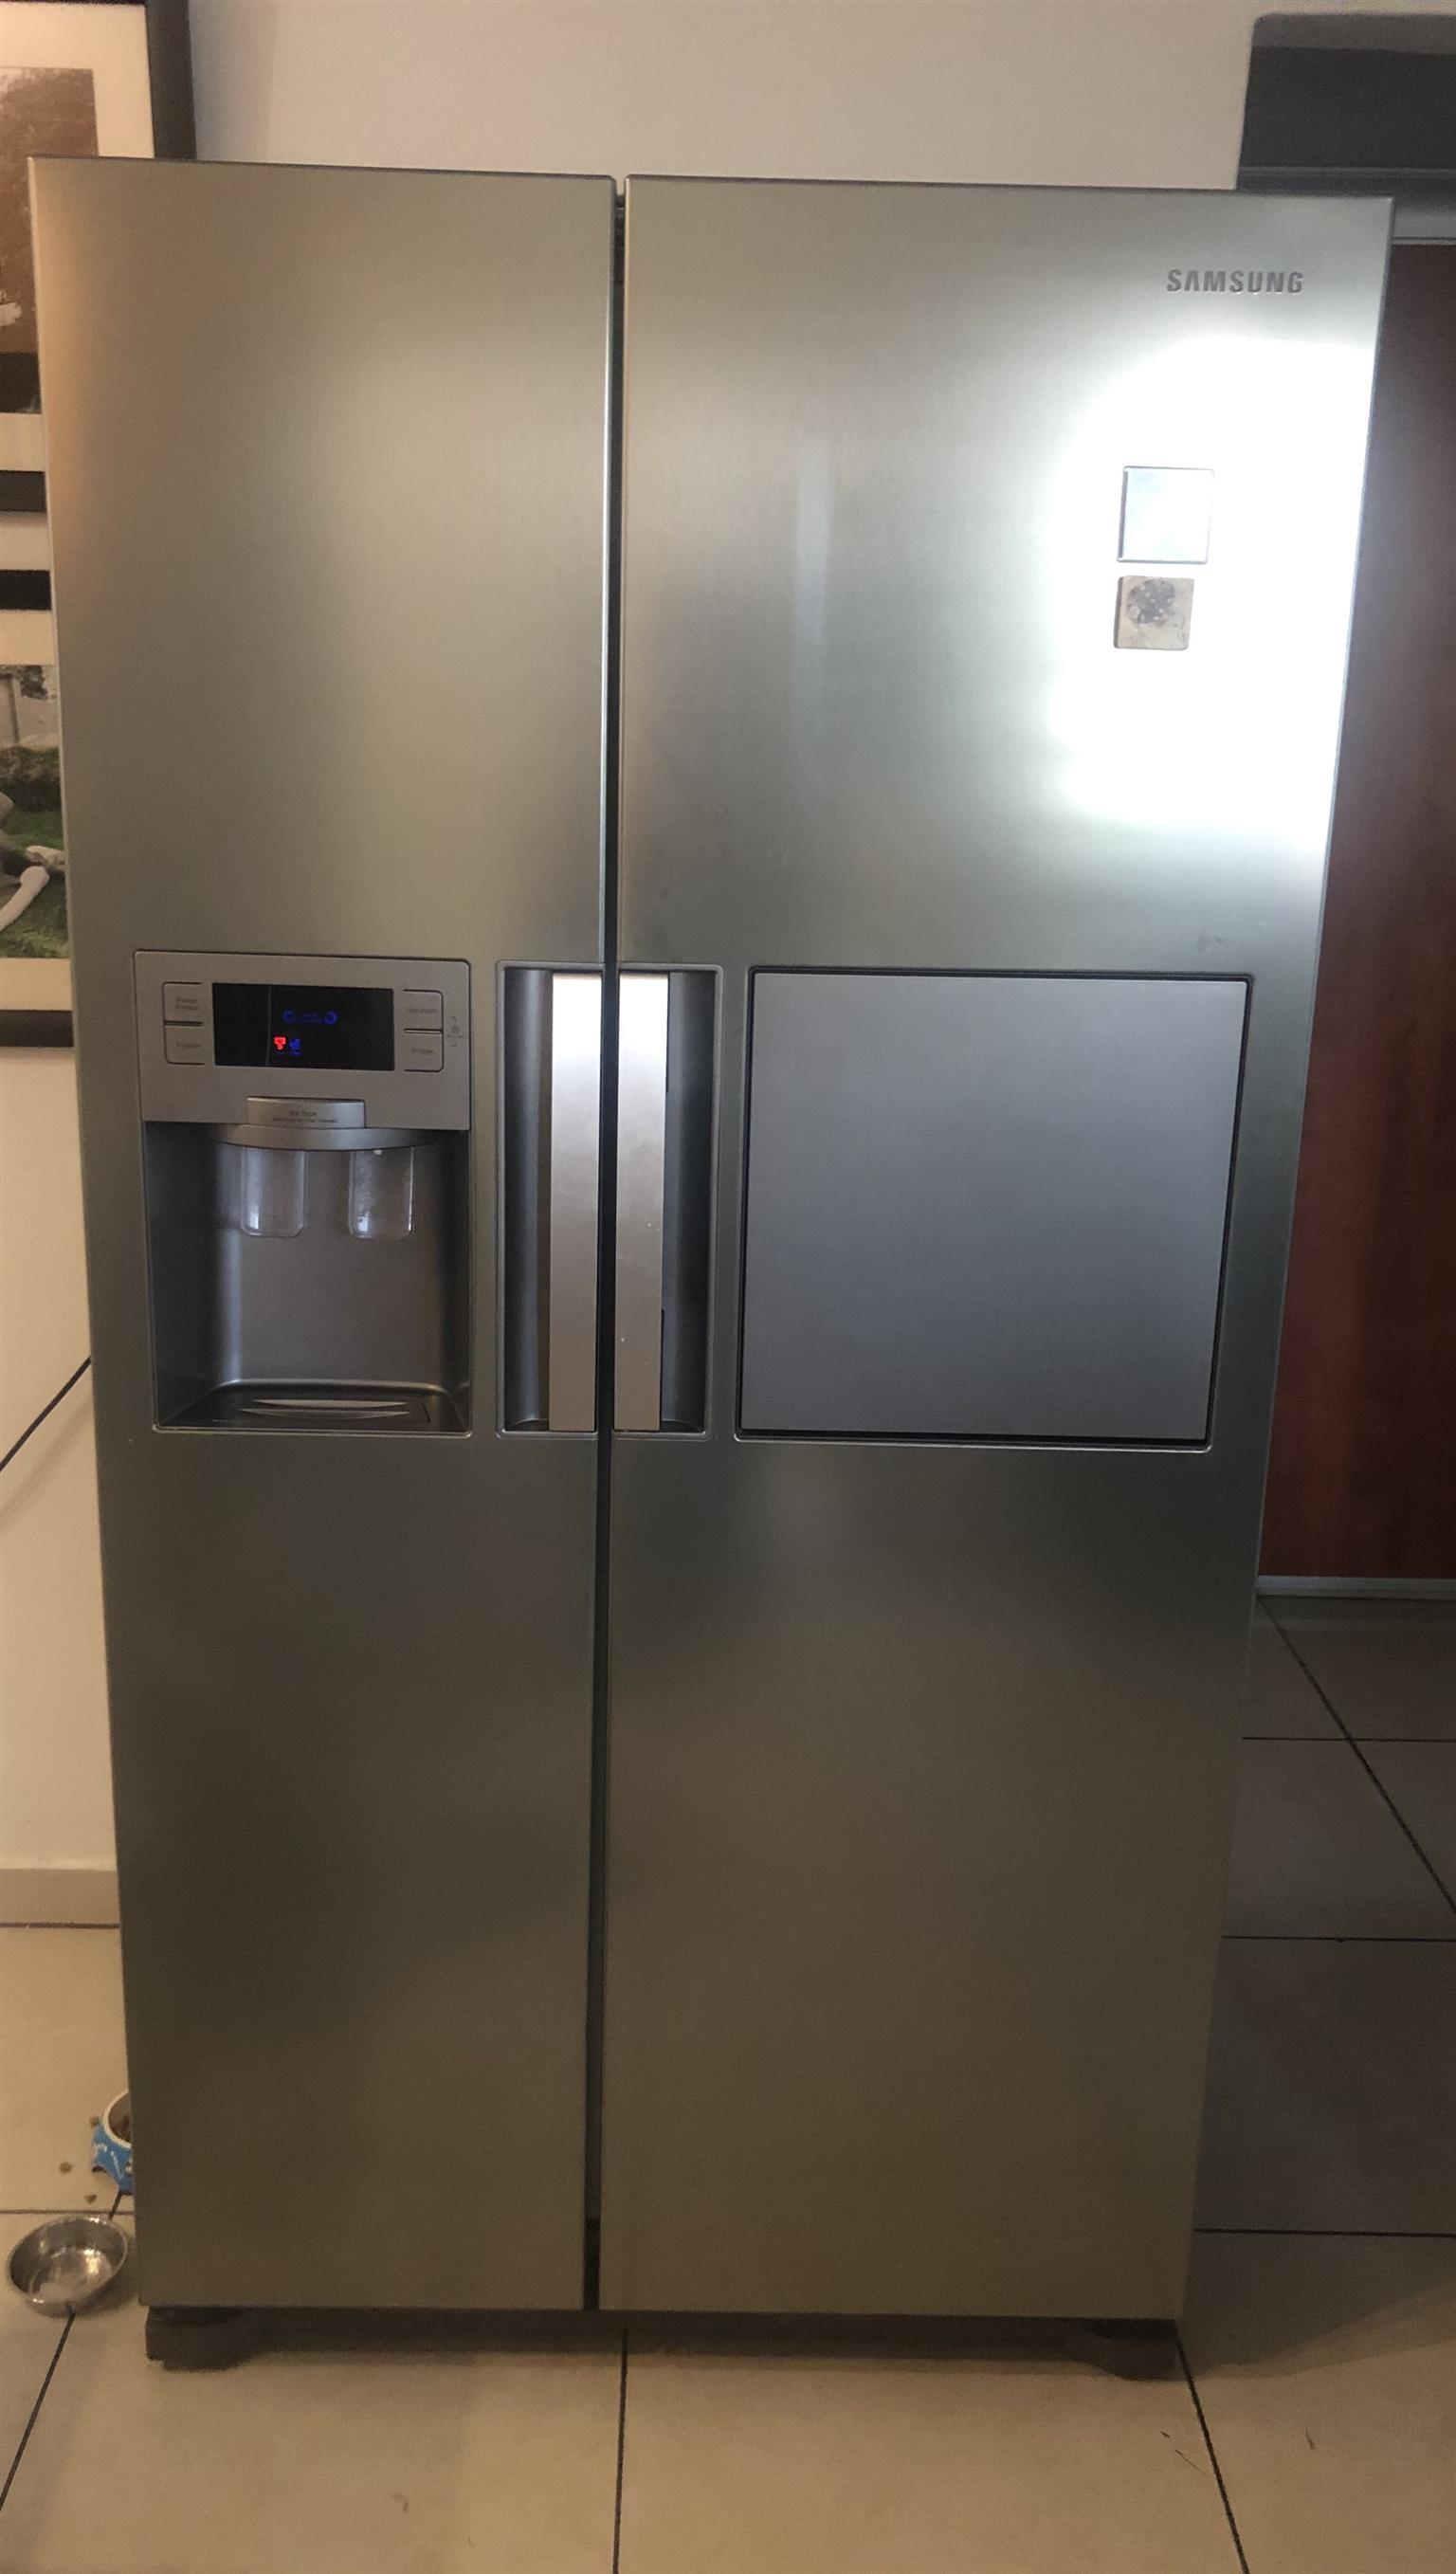 Double door fridge in excellent condition